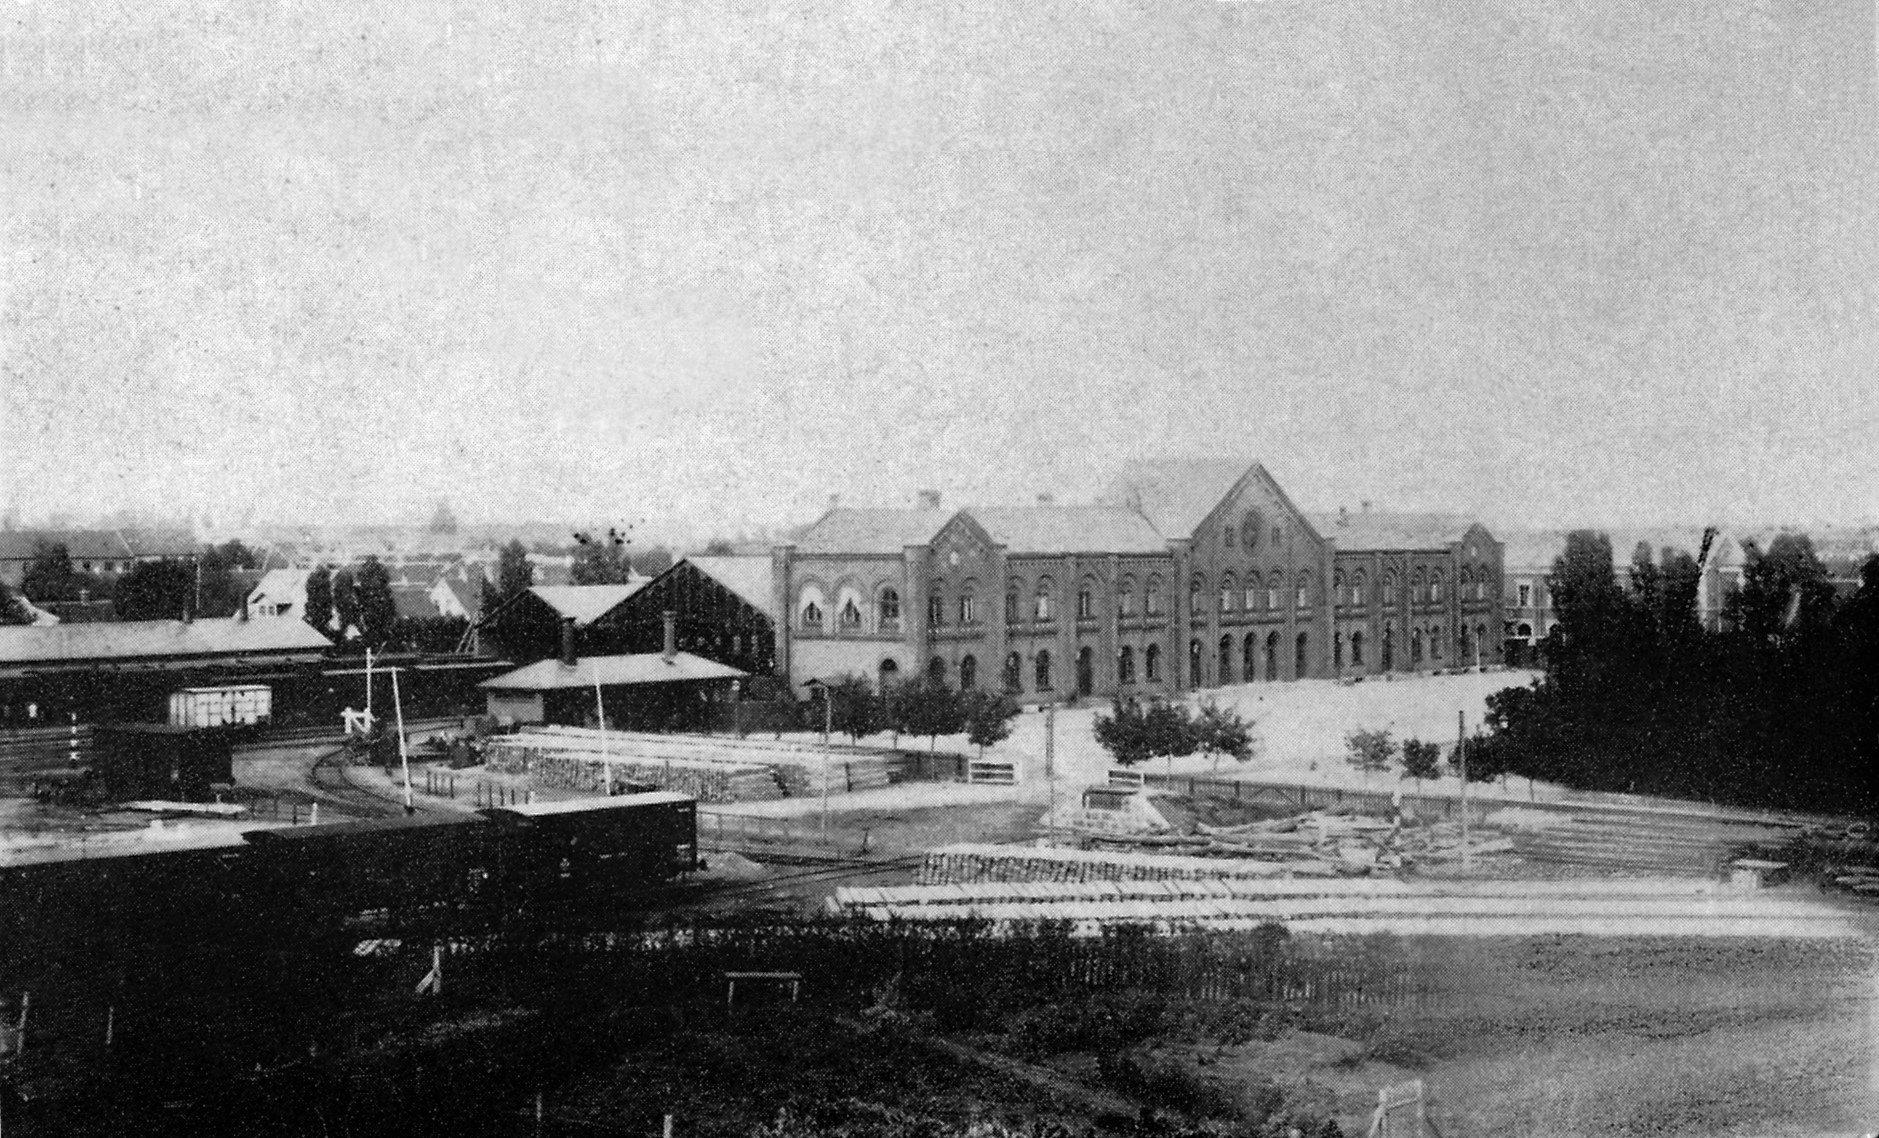 d30978d4f22 CARL MENG's ERINDRINGER FRA FREDERICIA I 1880'erne og 1890'erne